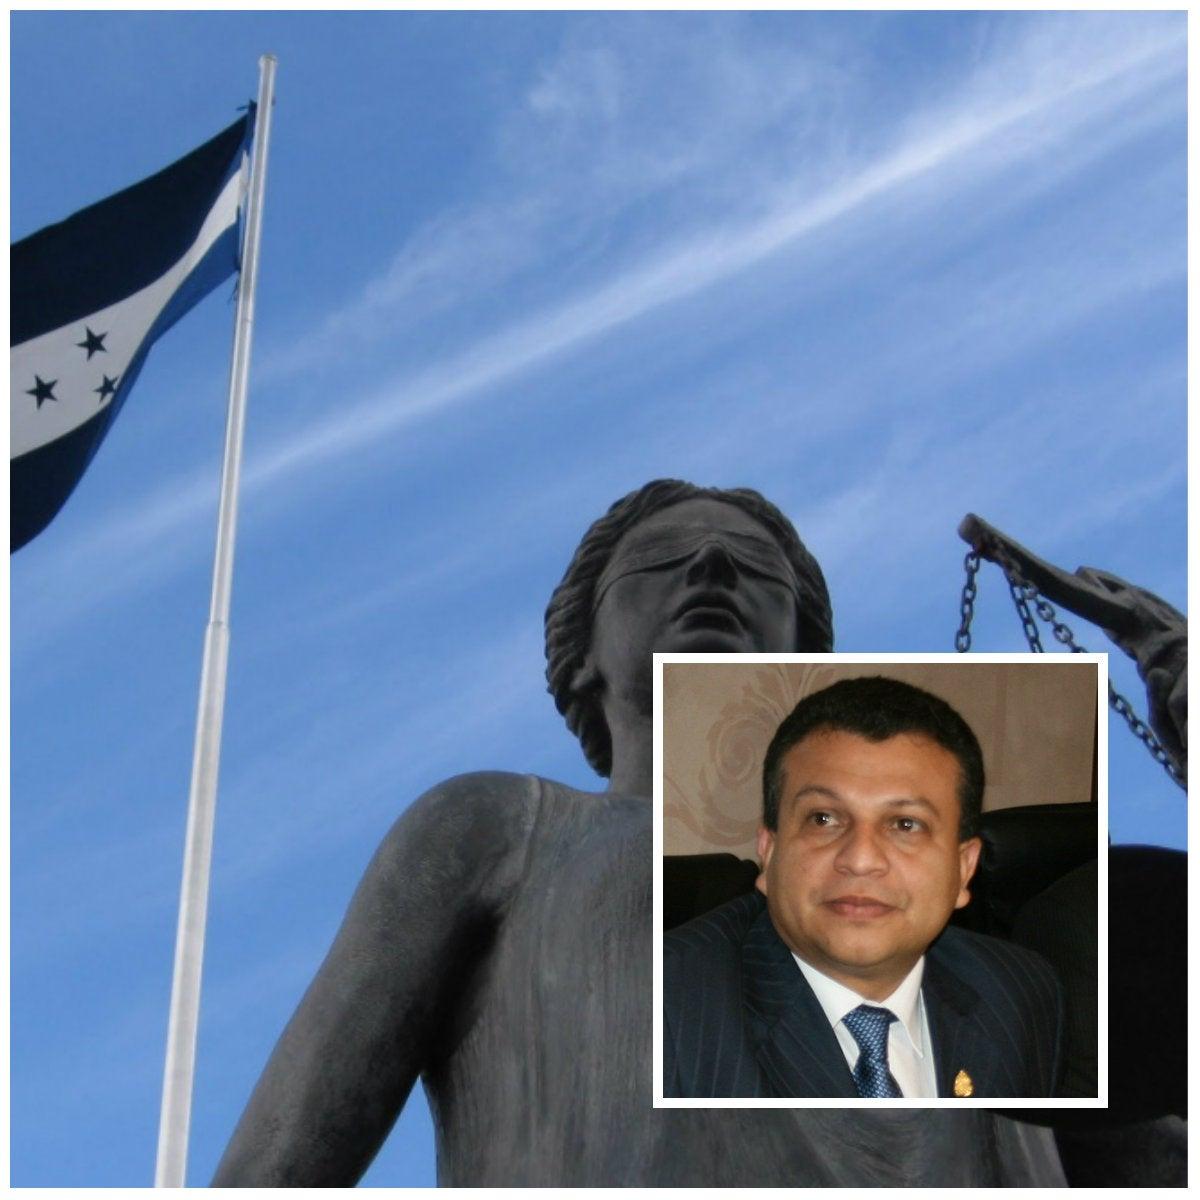 Pese a denuncias, la depuración continuará en el Poder Judicial dice Teodoro Bonilla